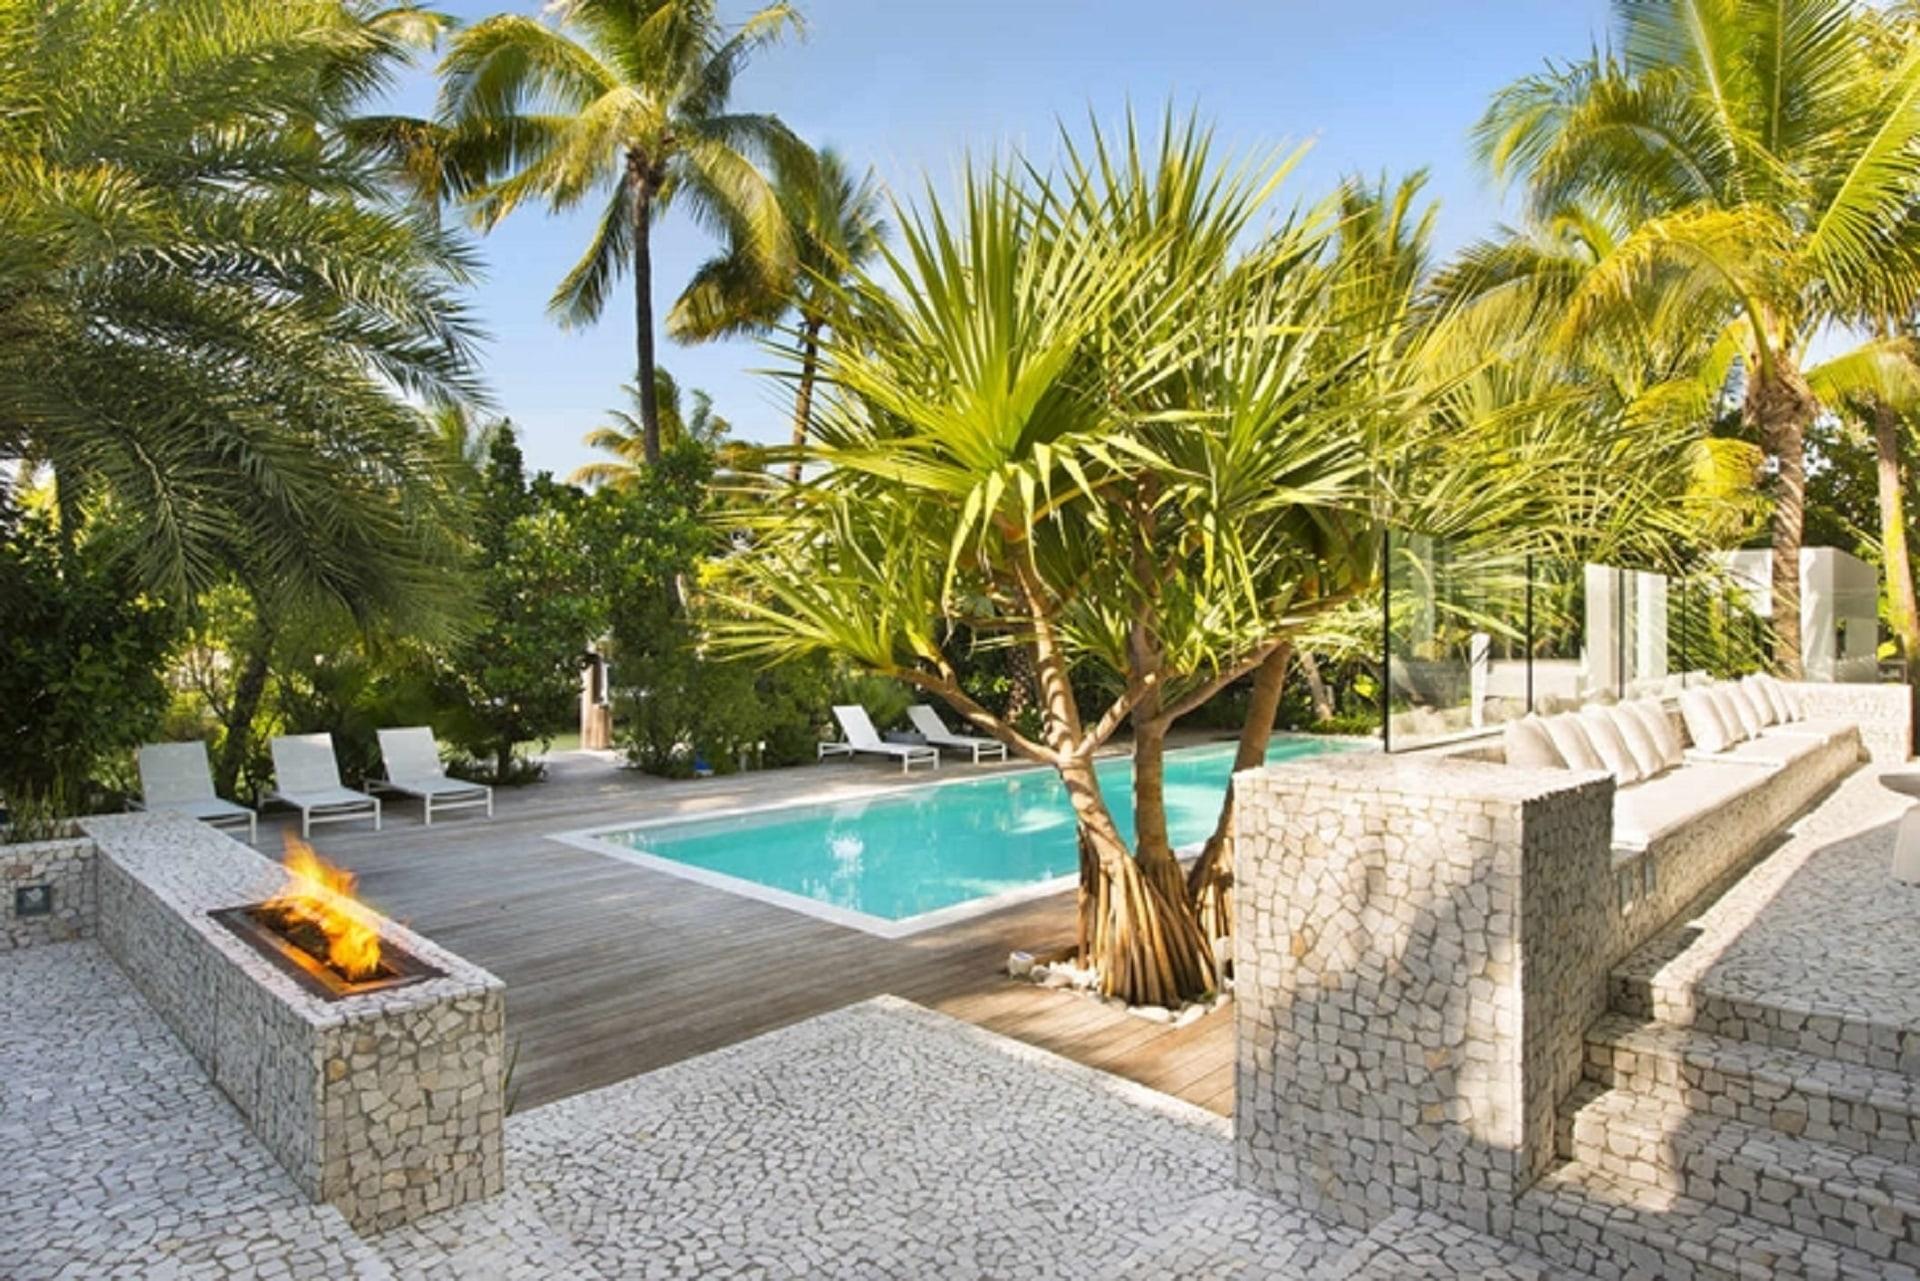 Esempio di illuminazione giardino esterno con piscina i progetti